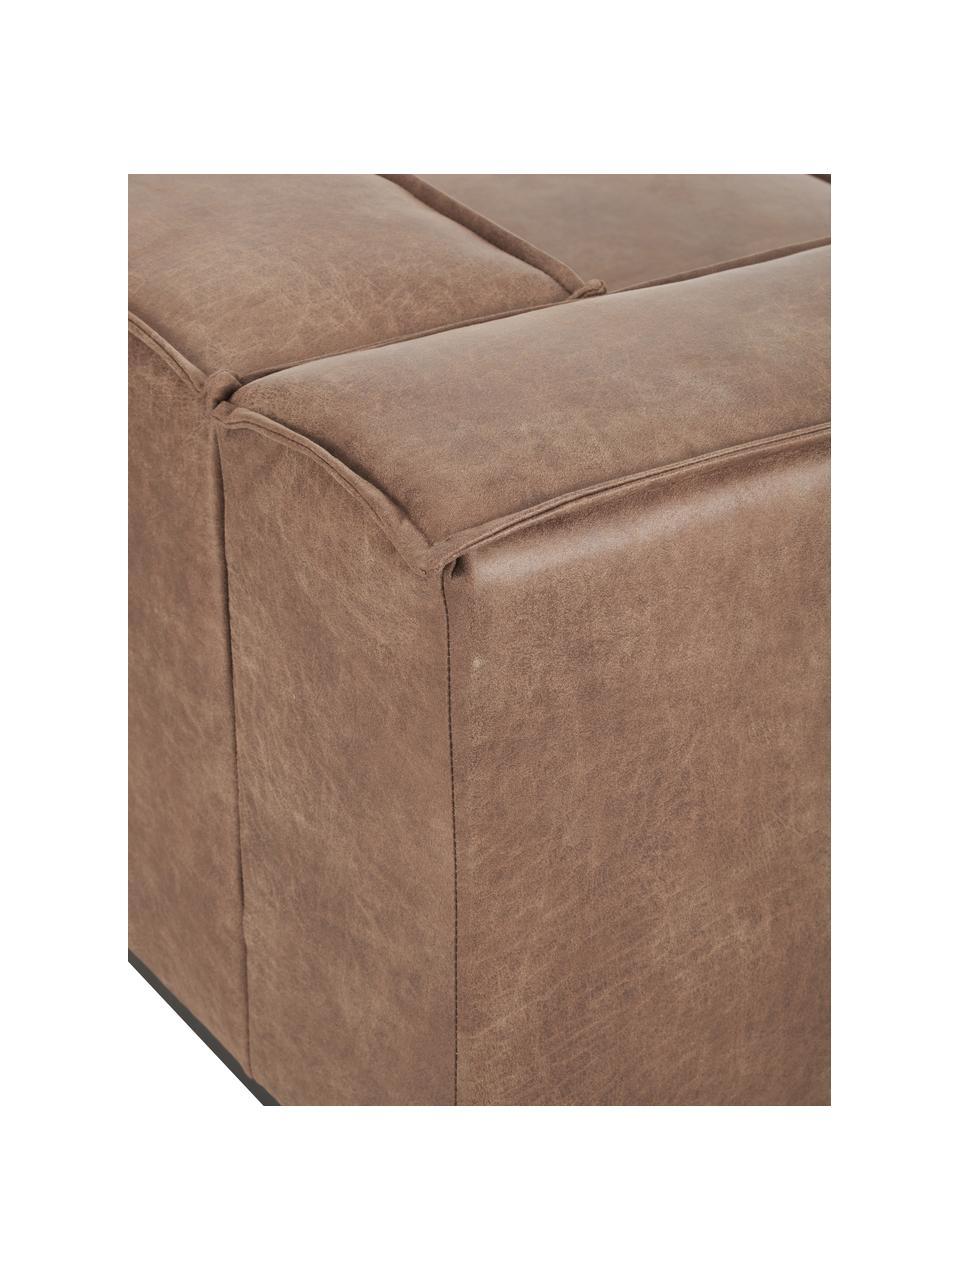 Leder-Sofa Abigail (3-Sitzer) in Braun mit Metall-Füßen, Bezug: Lederfaserstoff (70% Lede, Beine: Metall, lackiert, Leder Braun, B 230 x T 95 cm